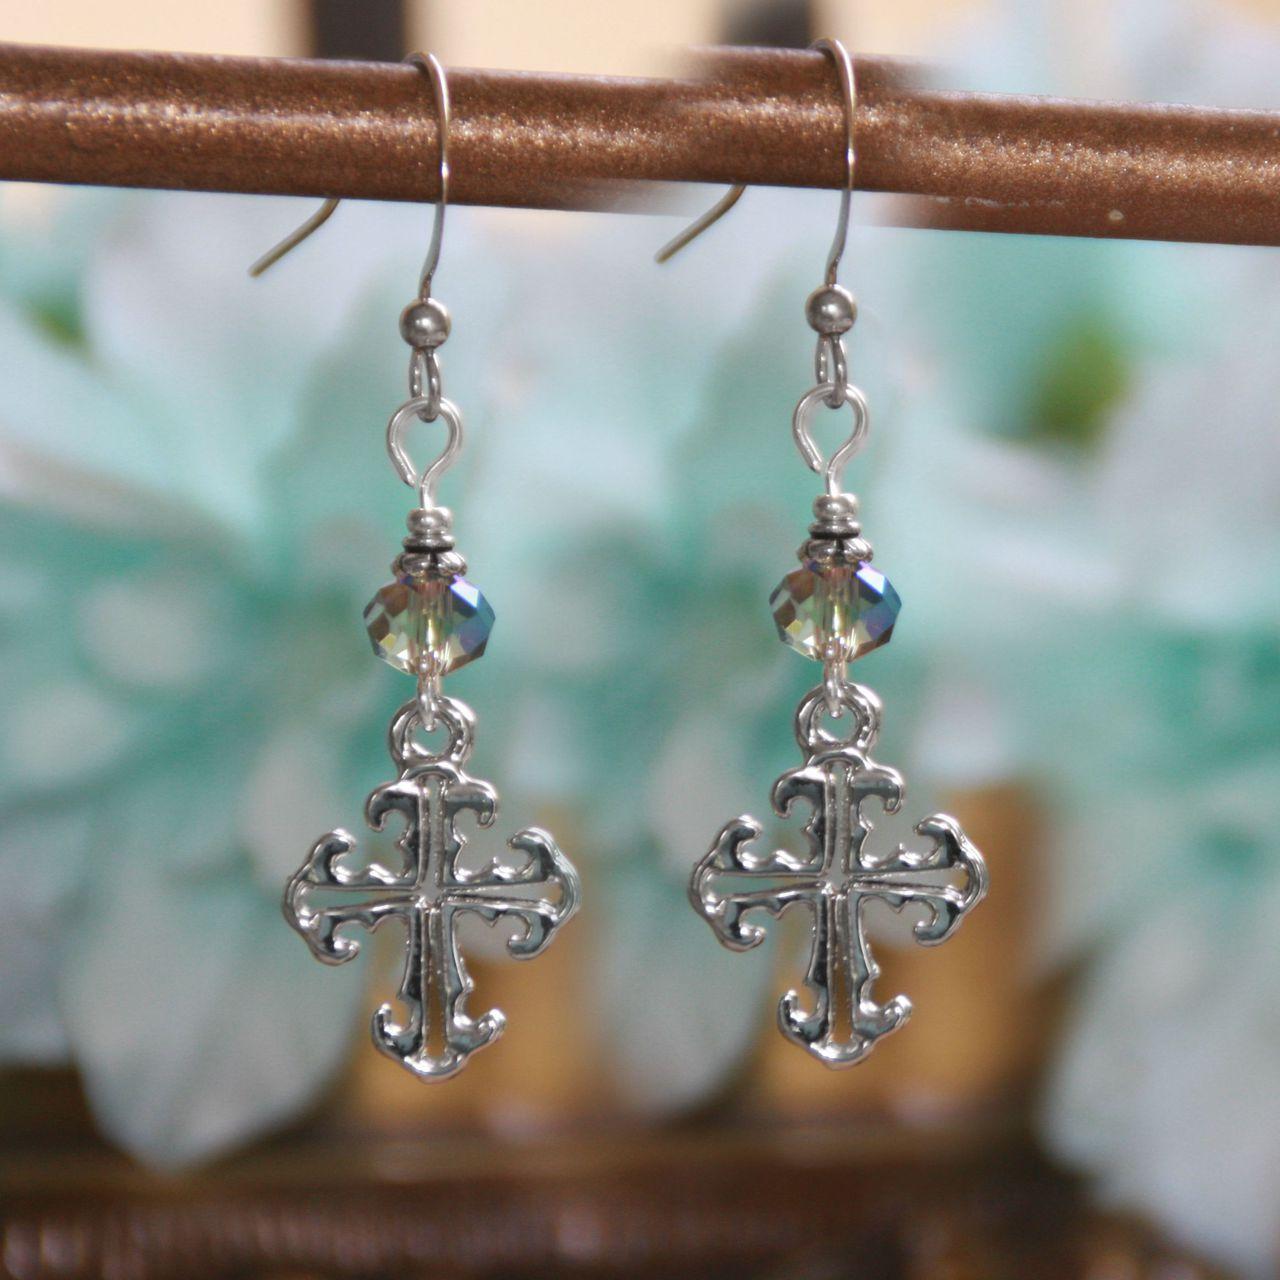 Lace Style Cross Earrings earrings, jewelry, drop earrings, lace earrings, mothers day gift, cross earrings, cross, in-63